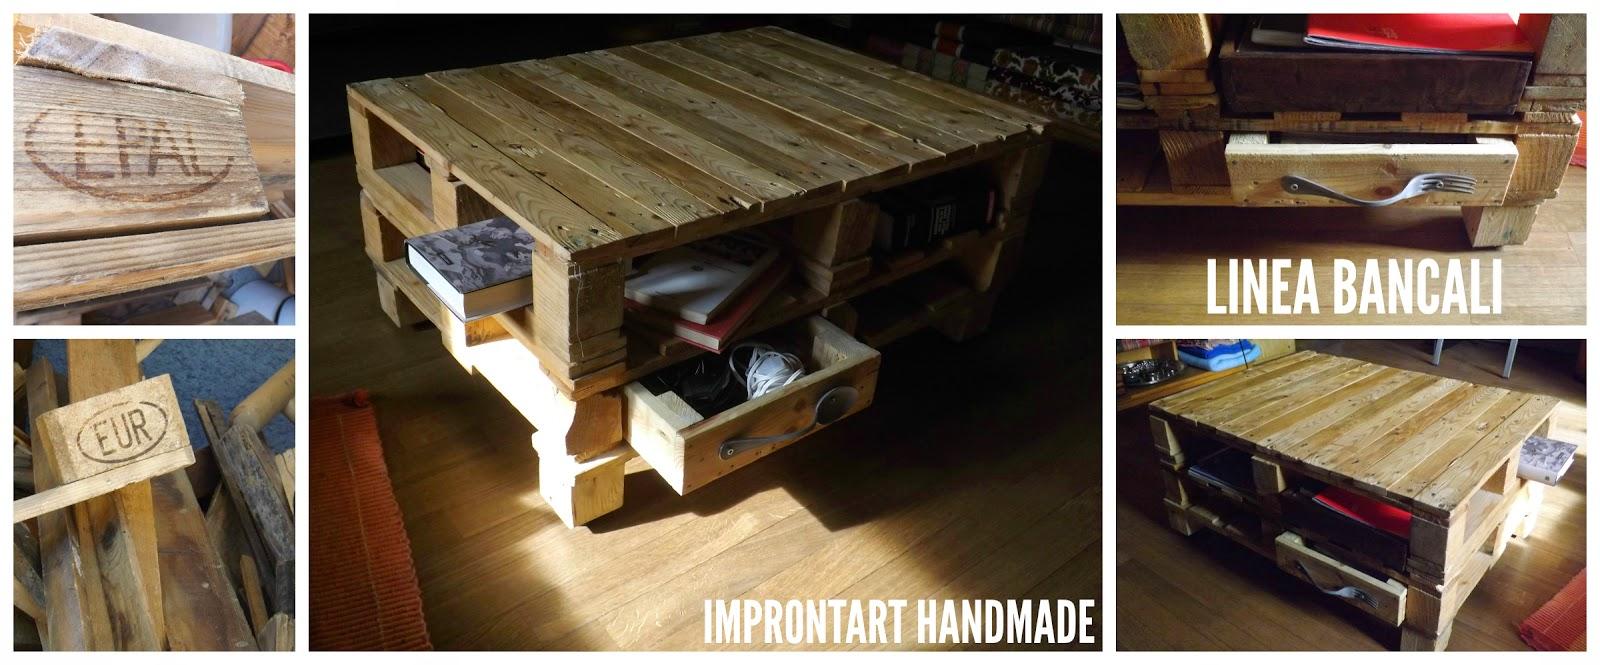 Improntart per fare un tavolo ci vuole un fiore - Costruire tavolino ...